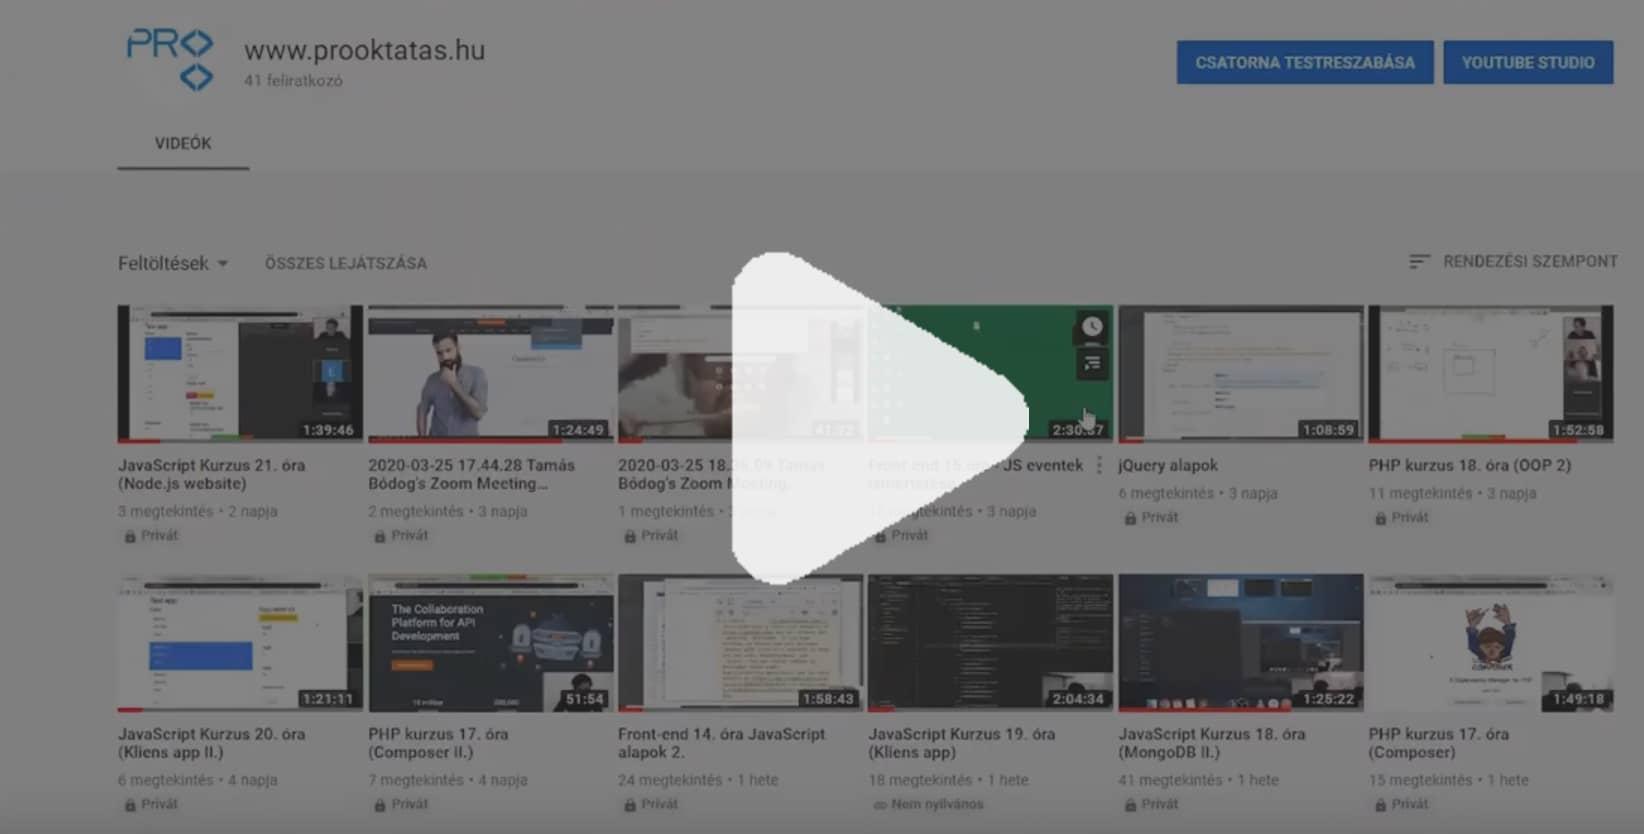 hírkereskedelem bináris opciós videó tanfolyamokon üzletközpont terve